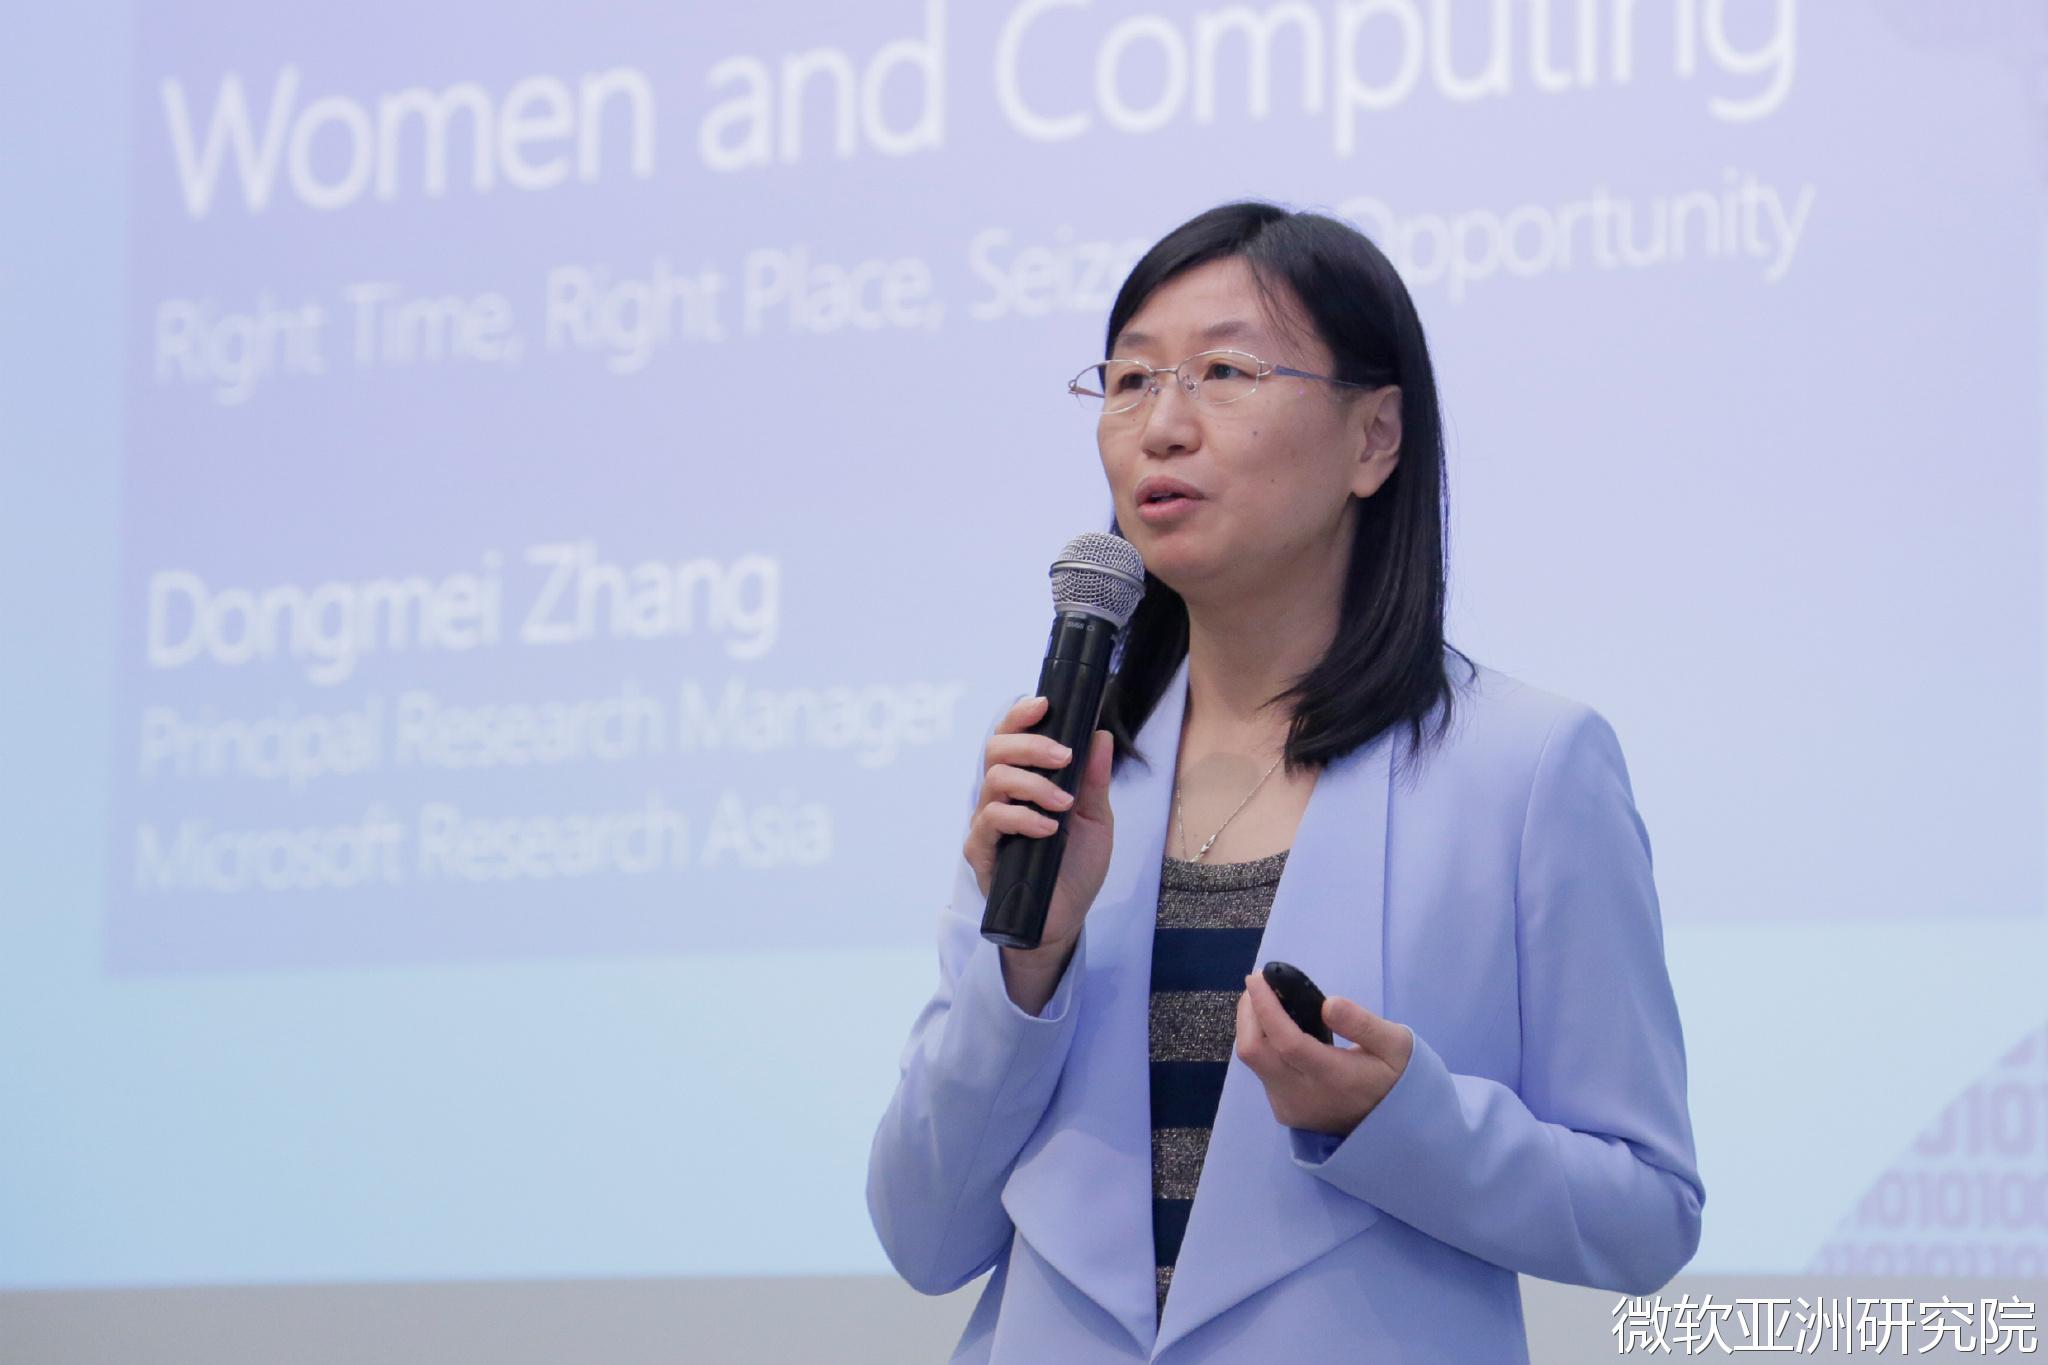 张冬梅 微软亚洲研究院首席研究员